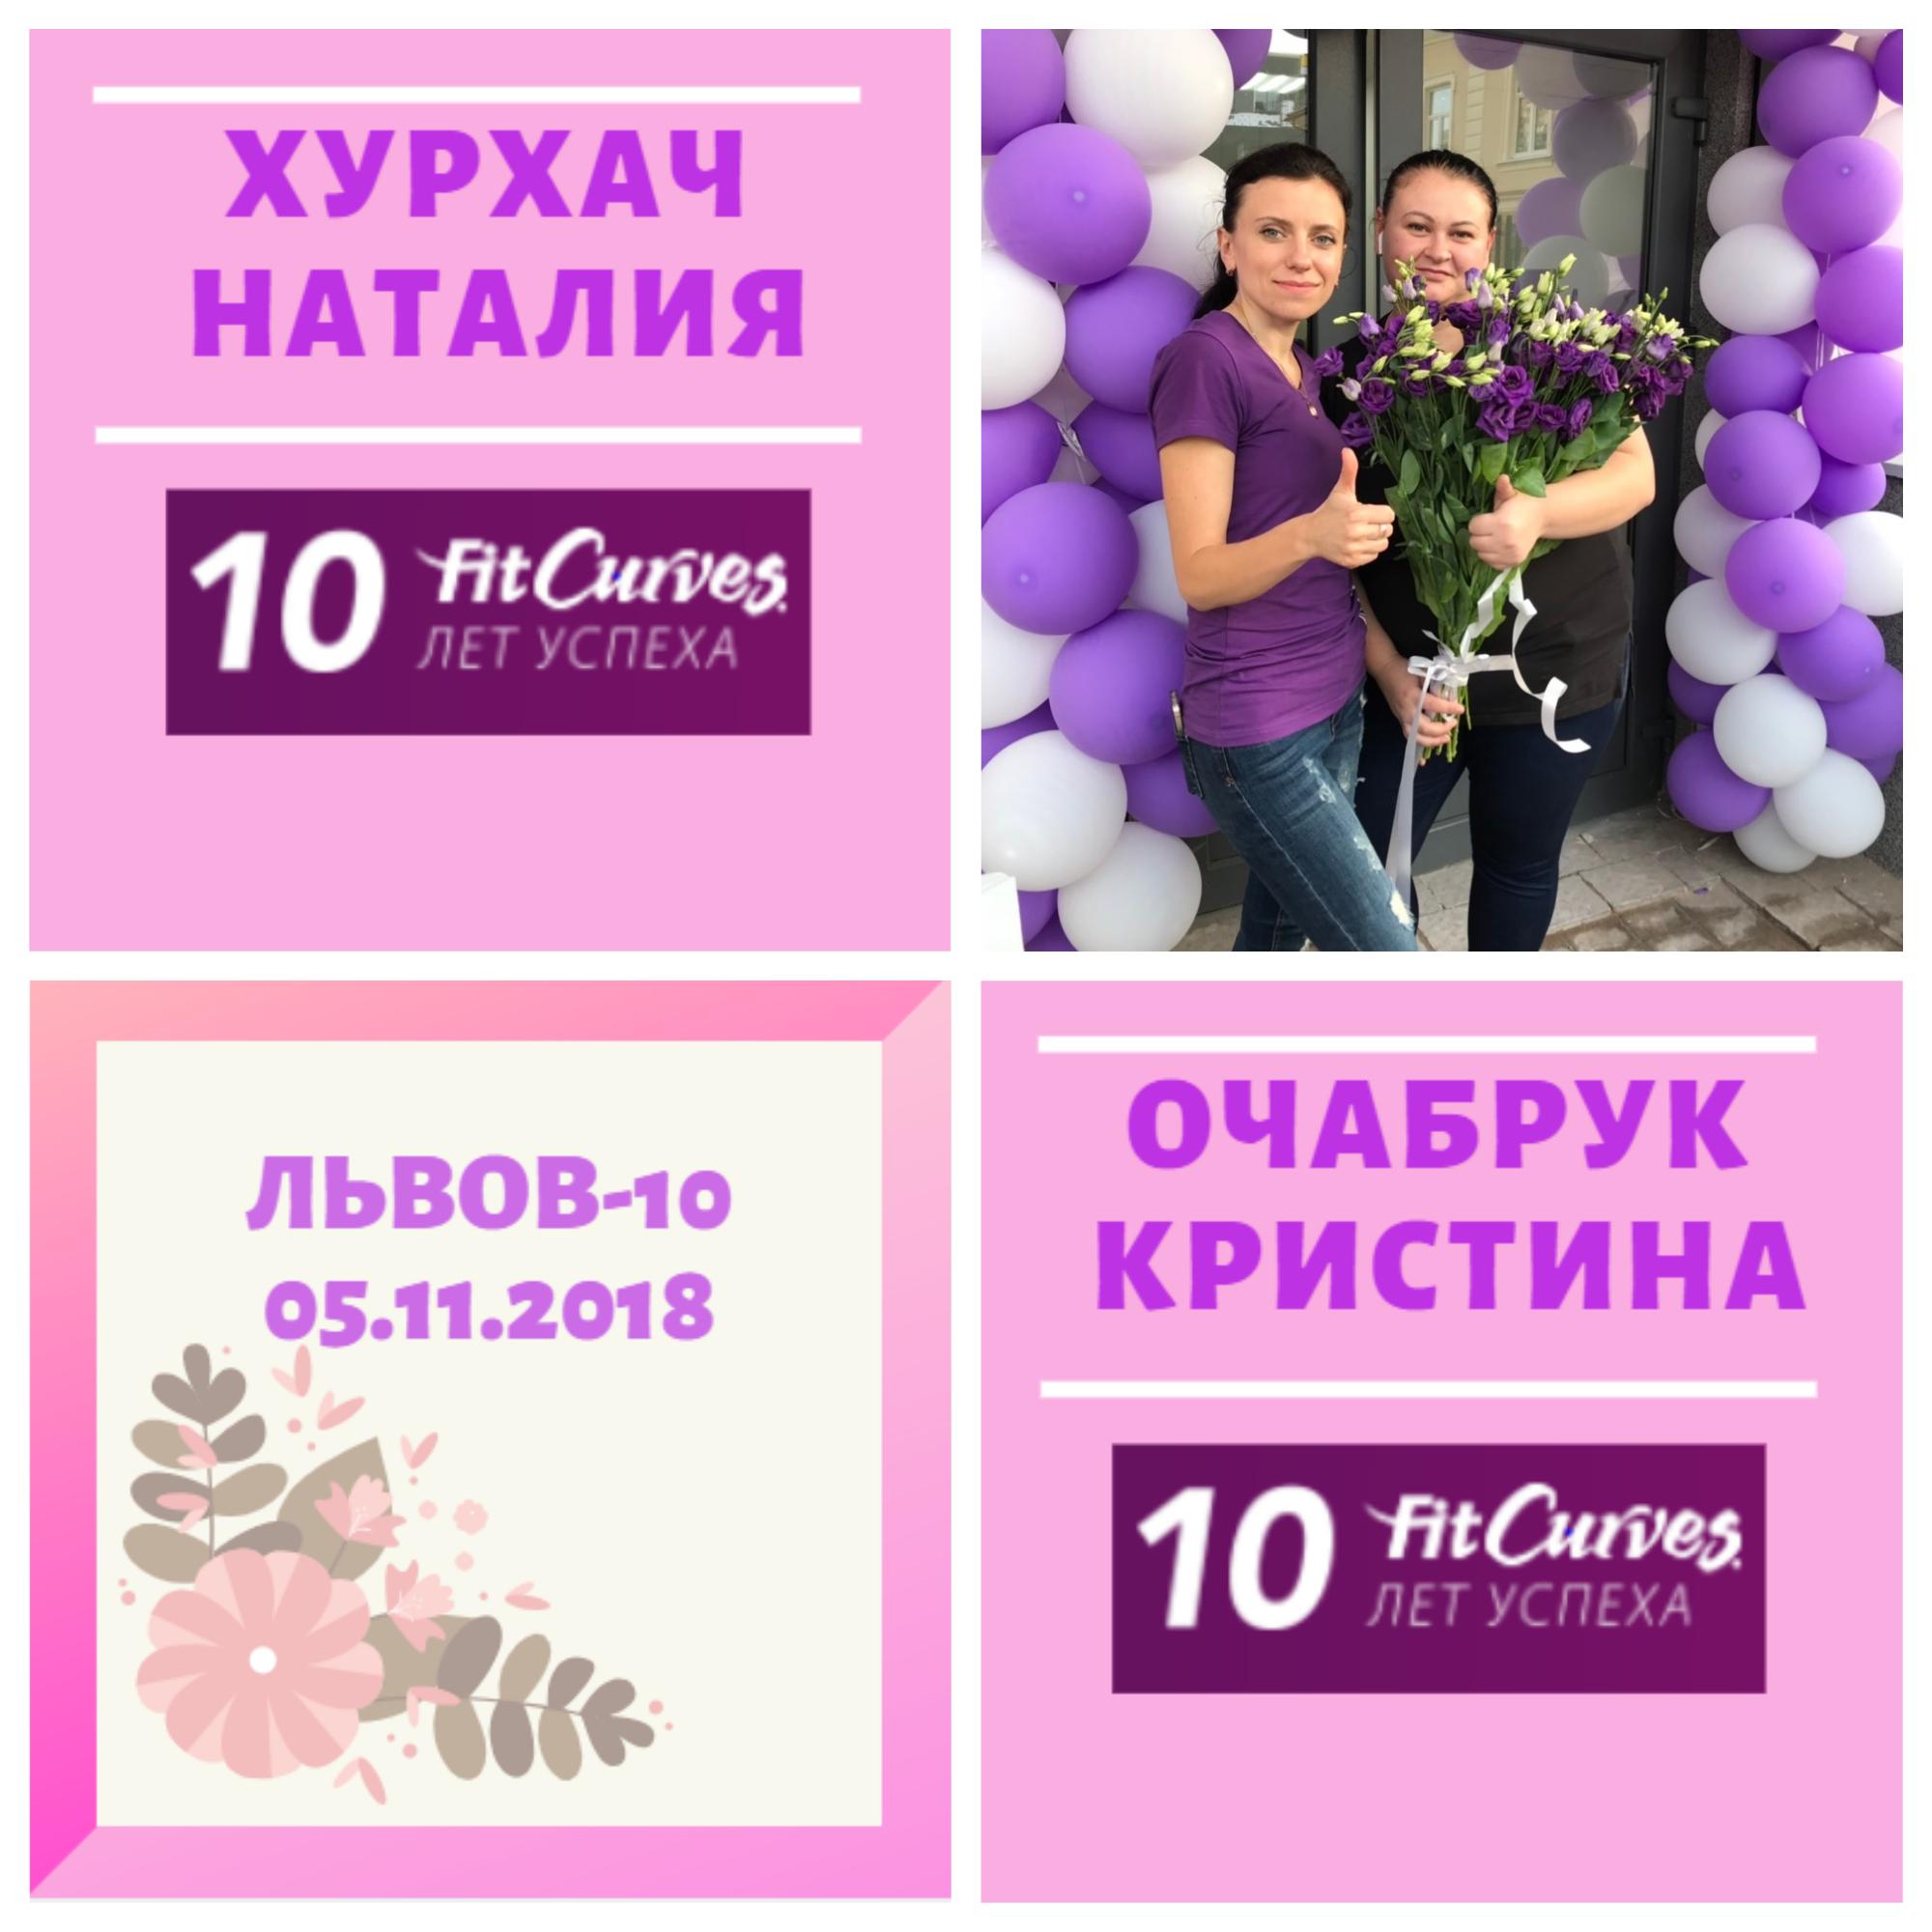 Долгожданное открытие клуба Львов-10